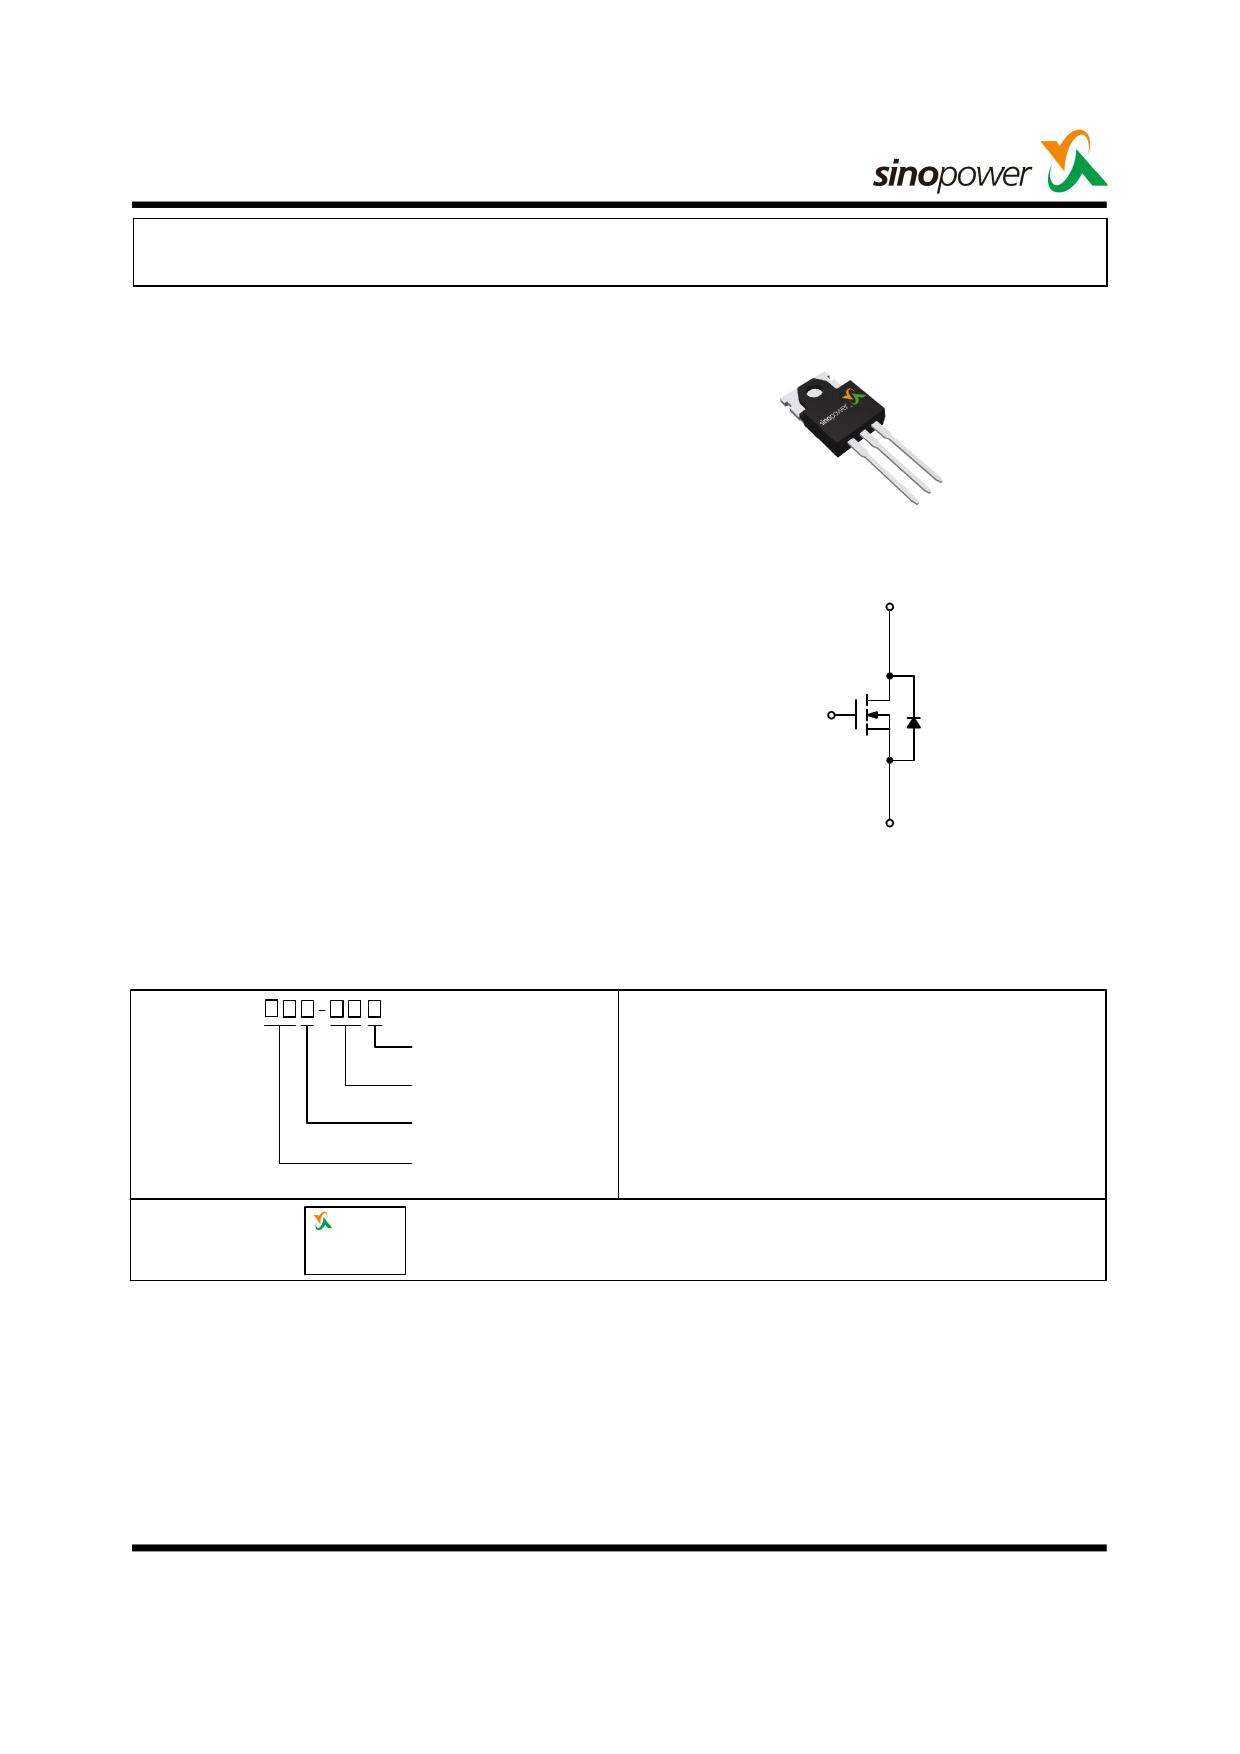 SM7575NSFH datasheet, circuit